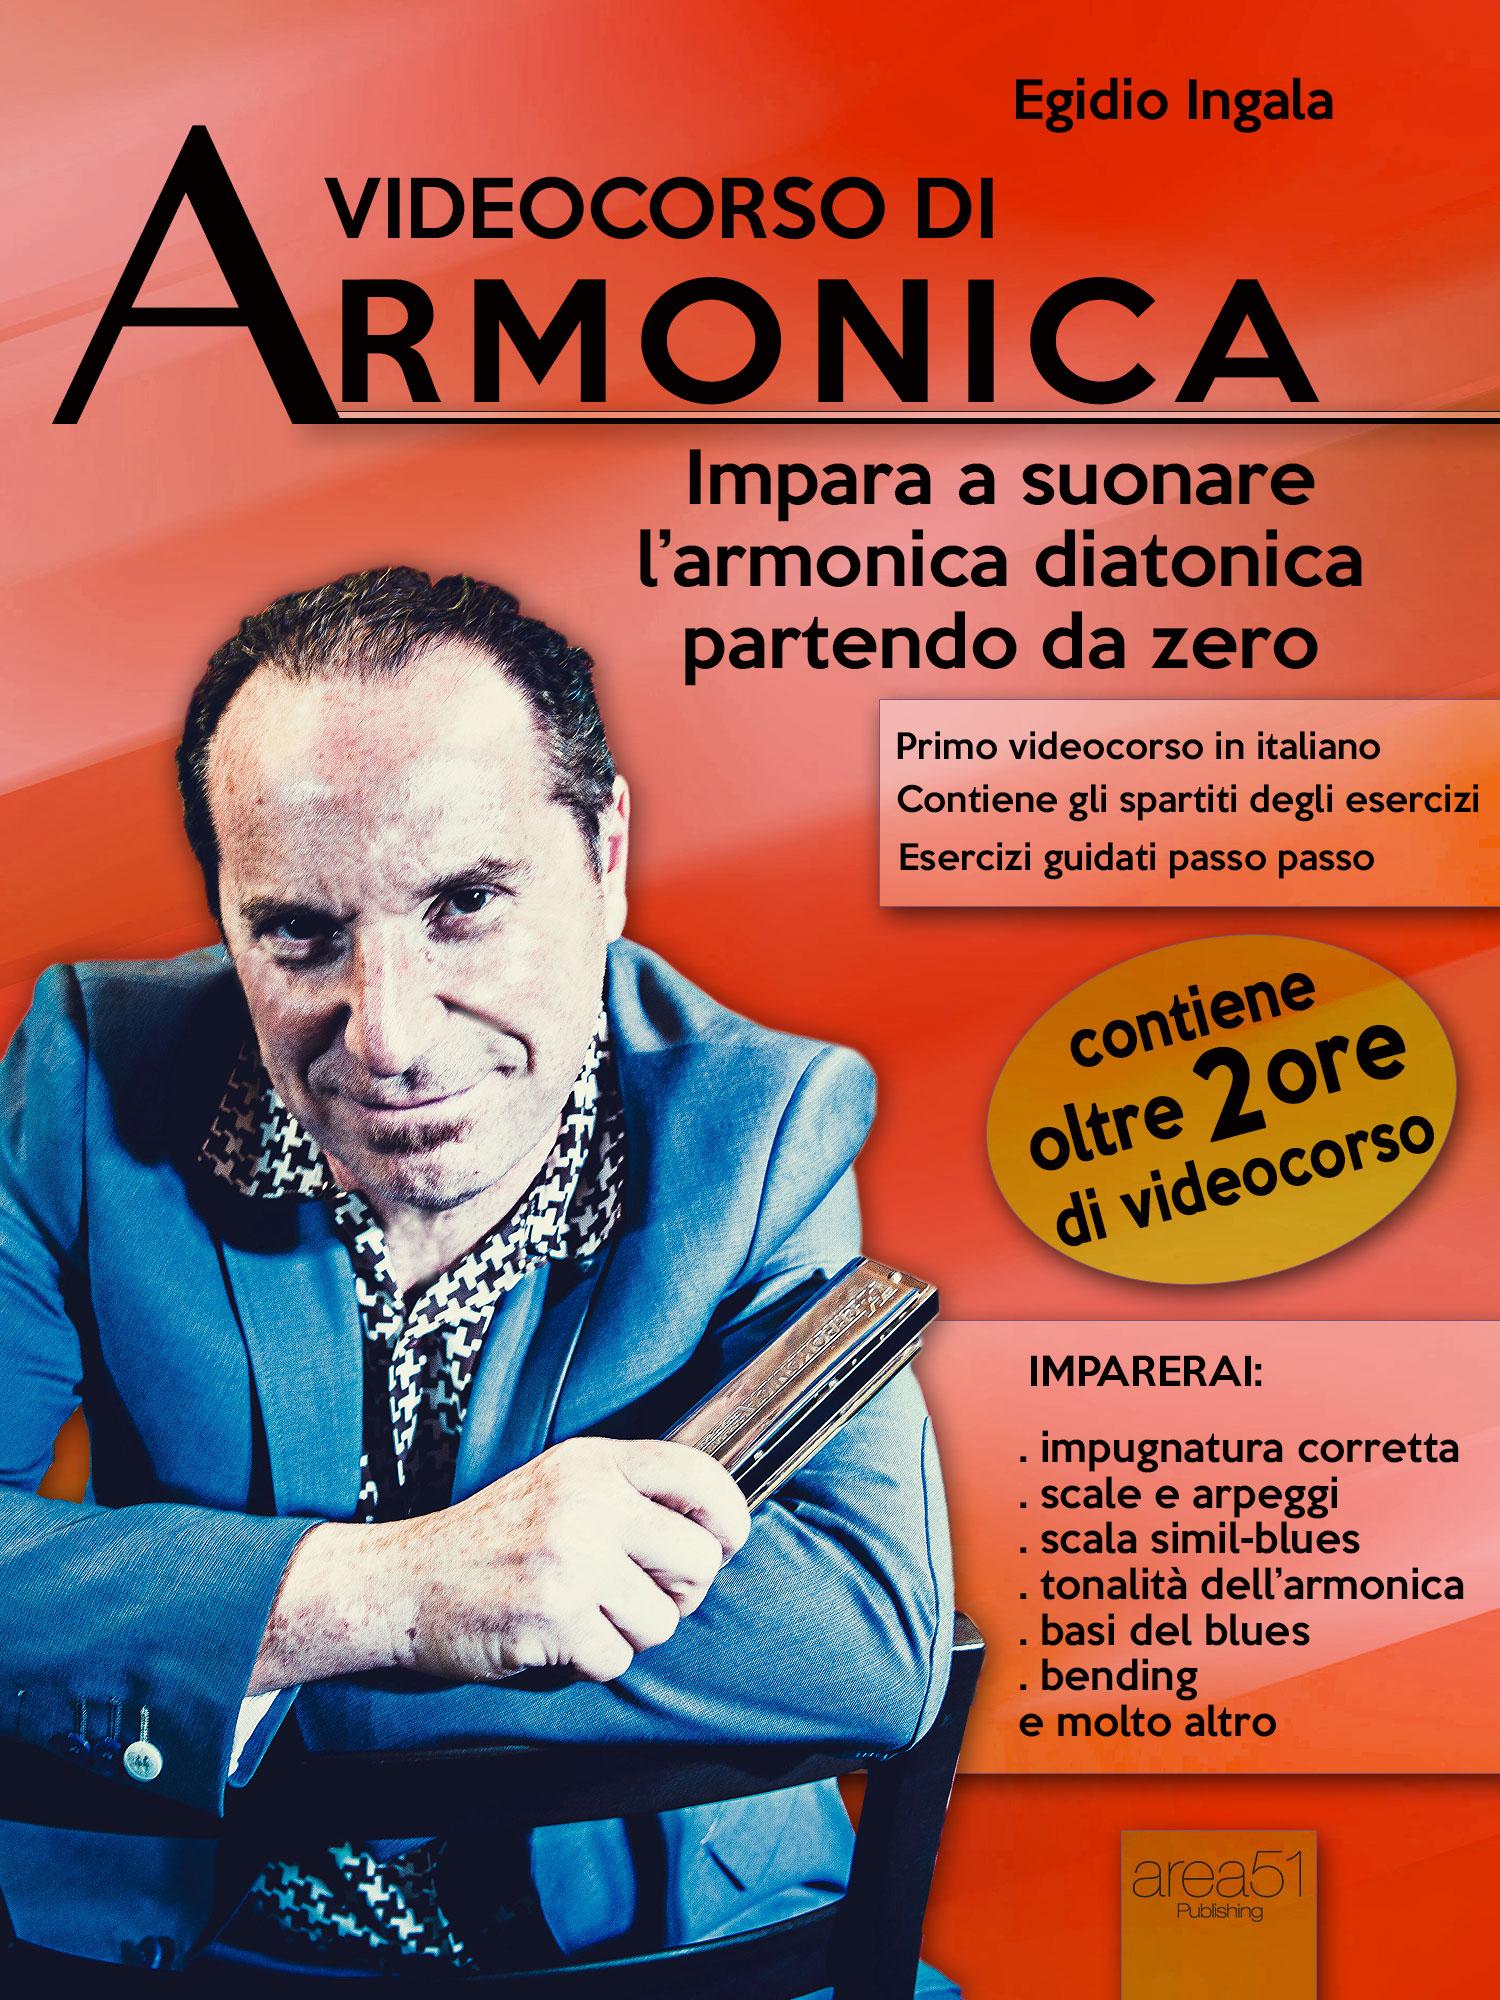 Videocorso di Armonica Diatonica.-0